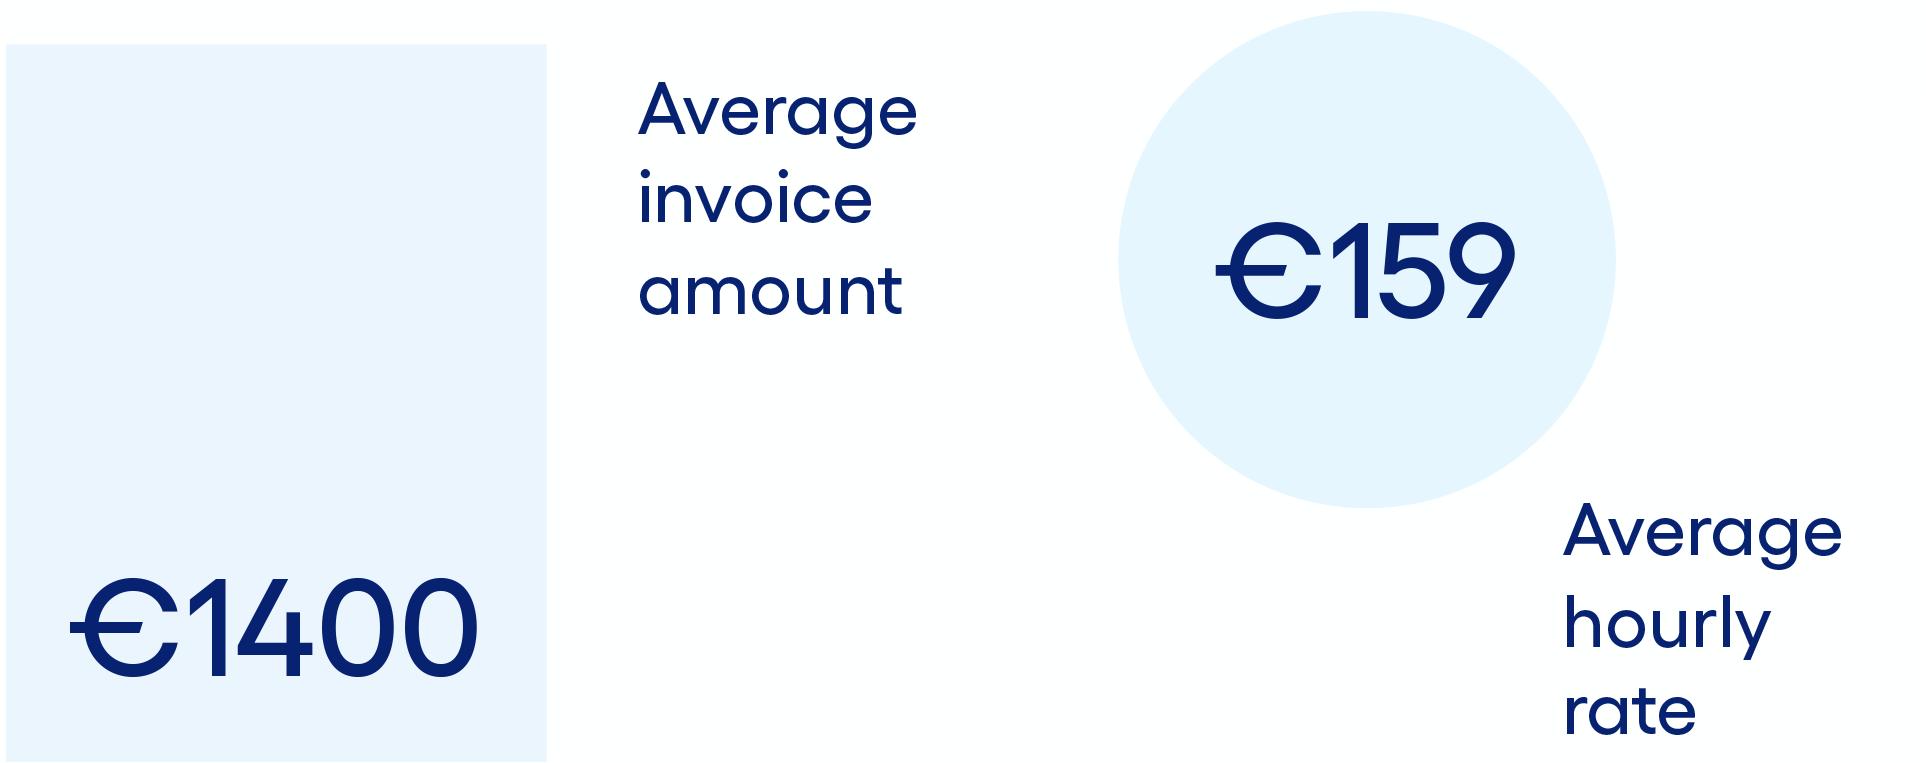 Average invoice amount of Xolo Go customer is €1,400